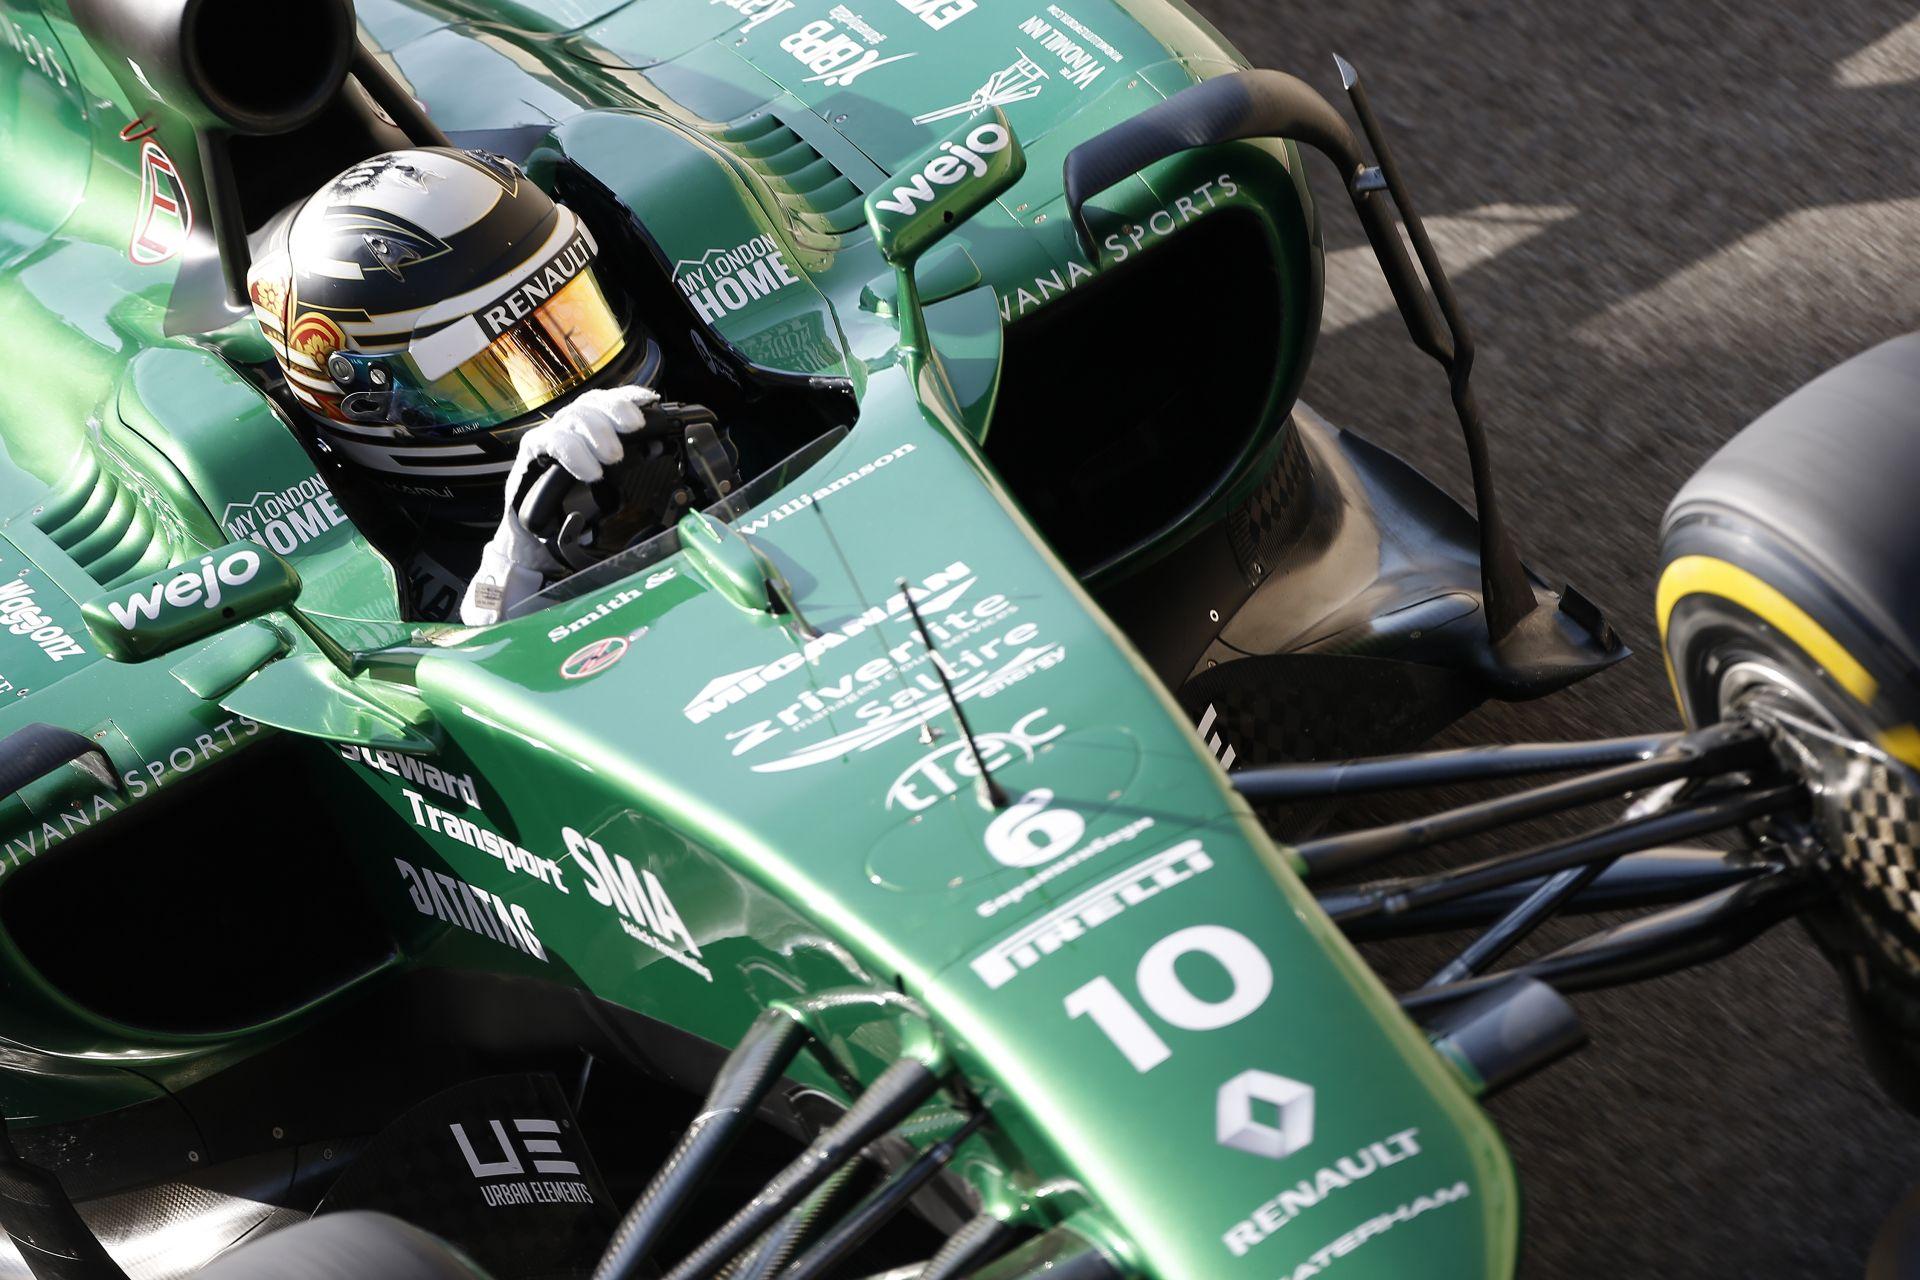 Annyi az F1-es csapatnak: Nincs esély